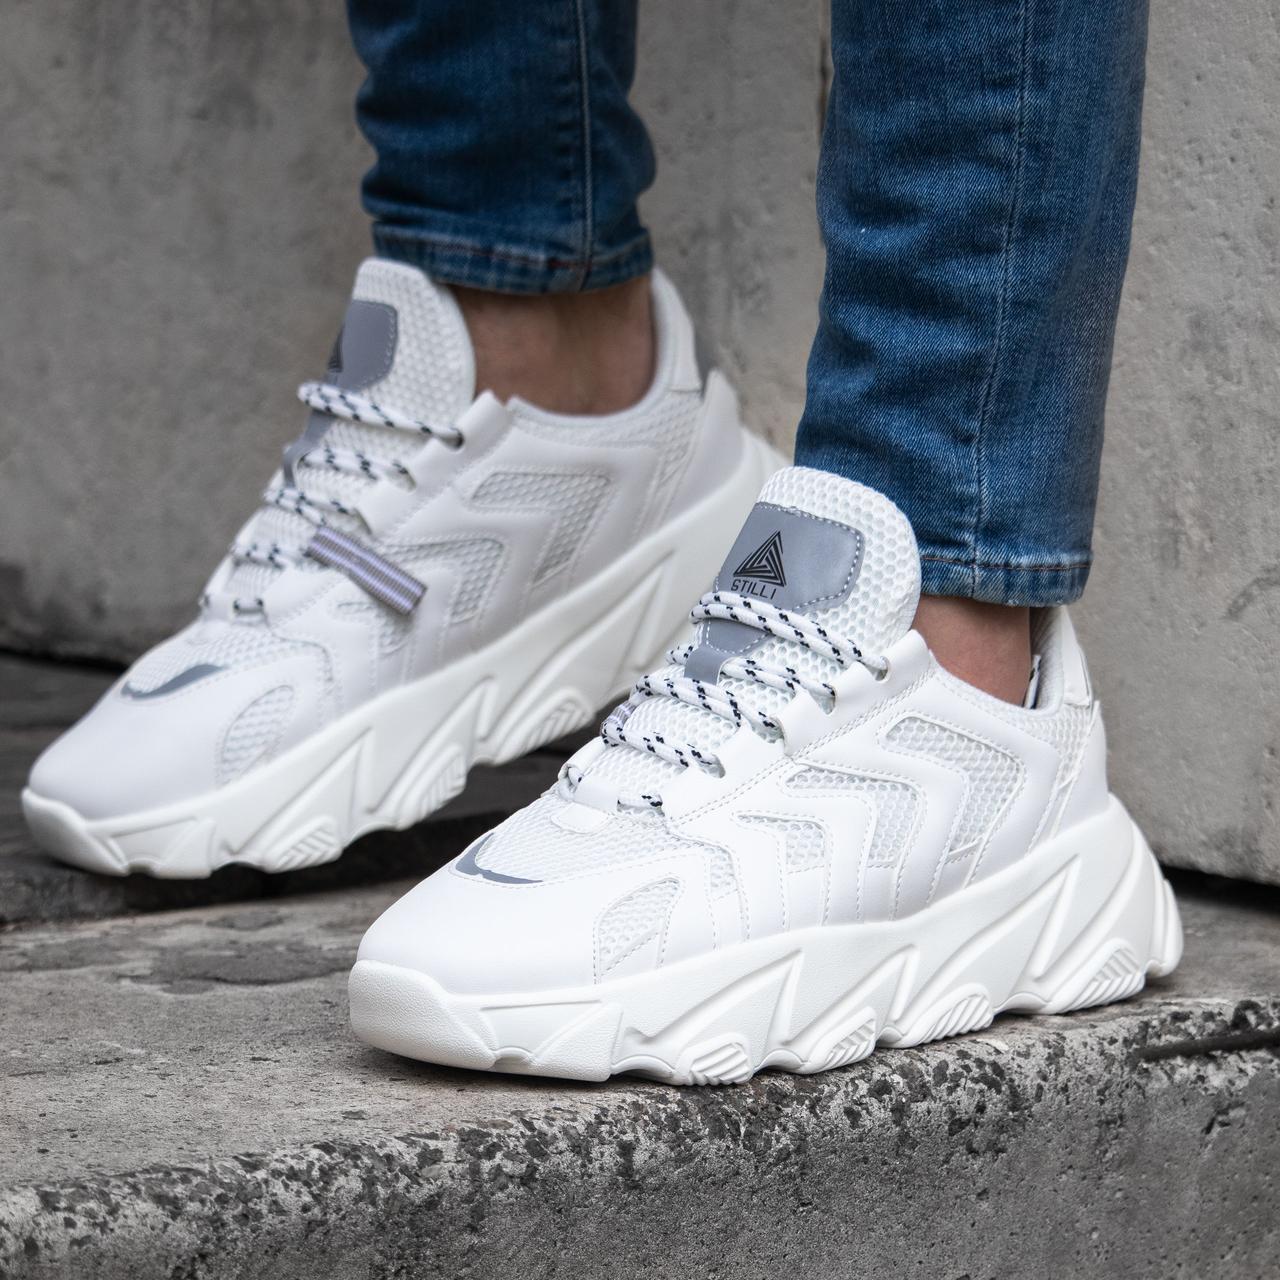 Мужские белые кроссовки STILLI обувь мужская демисезонная Размеры ( 41,42,43,44,)